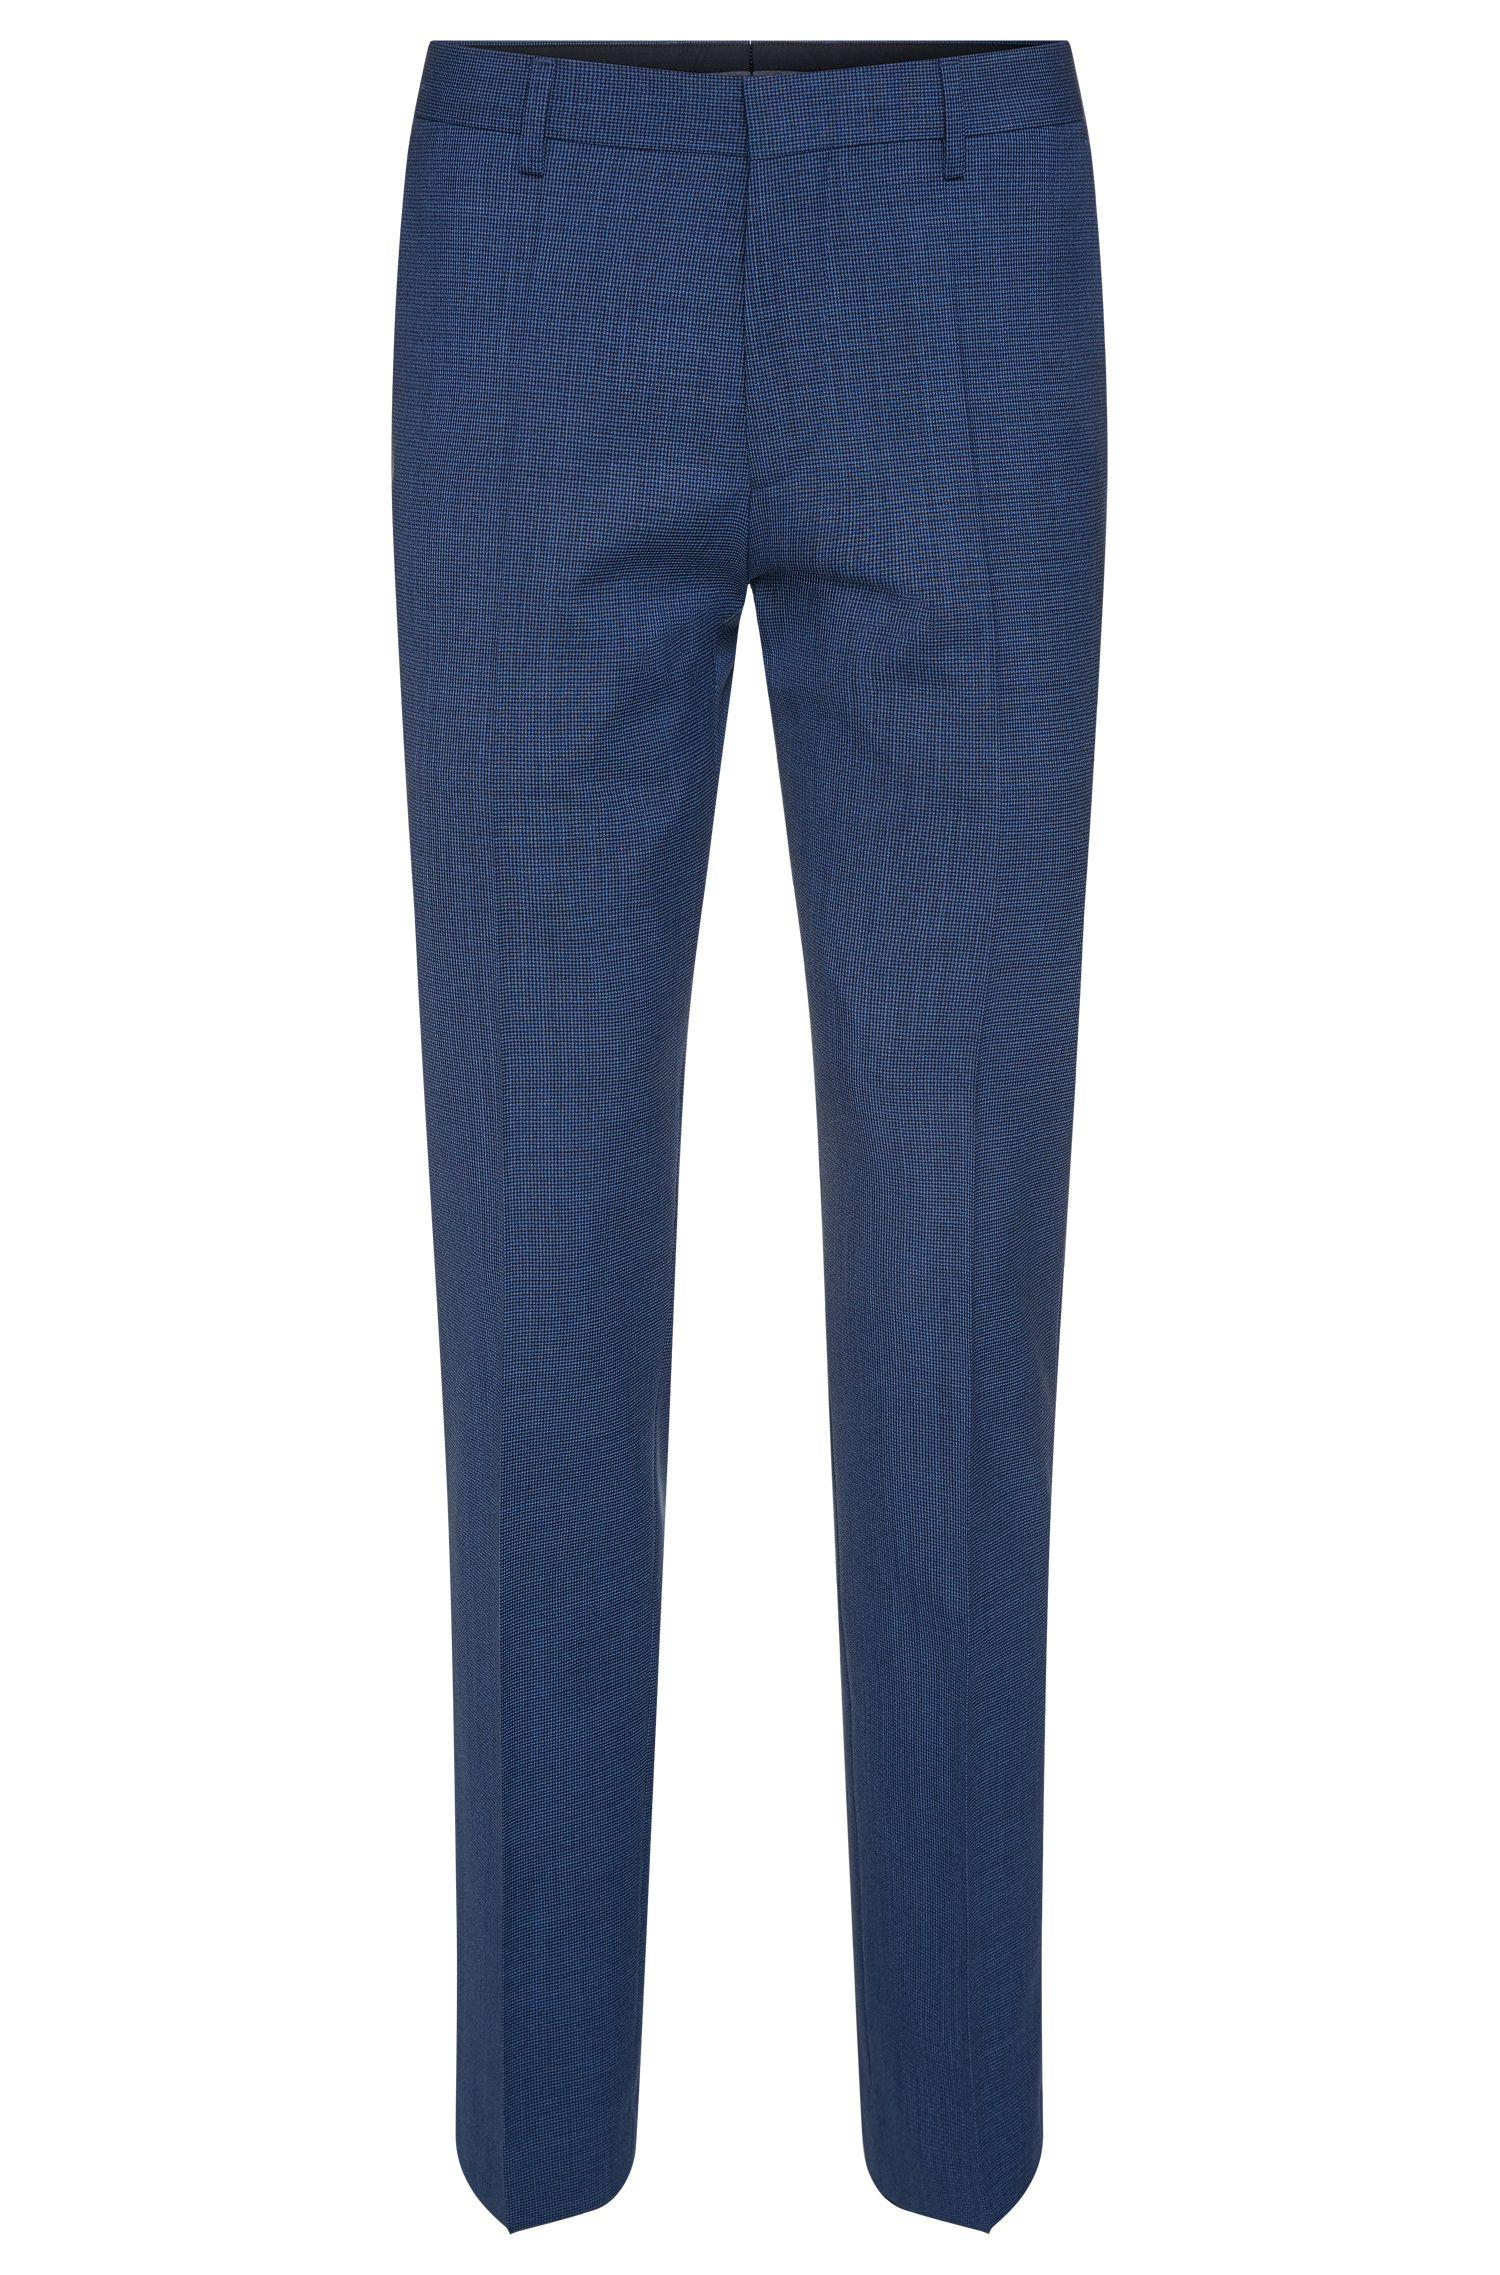 Virgin Wool Patterned Dress Pant, Slim Fit | Genesis, Blue